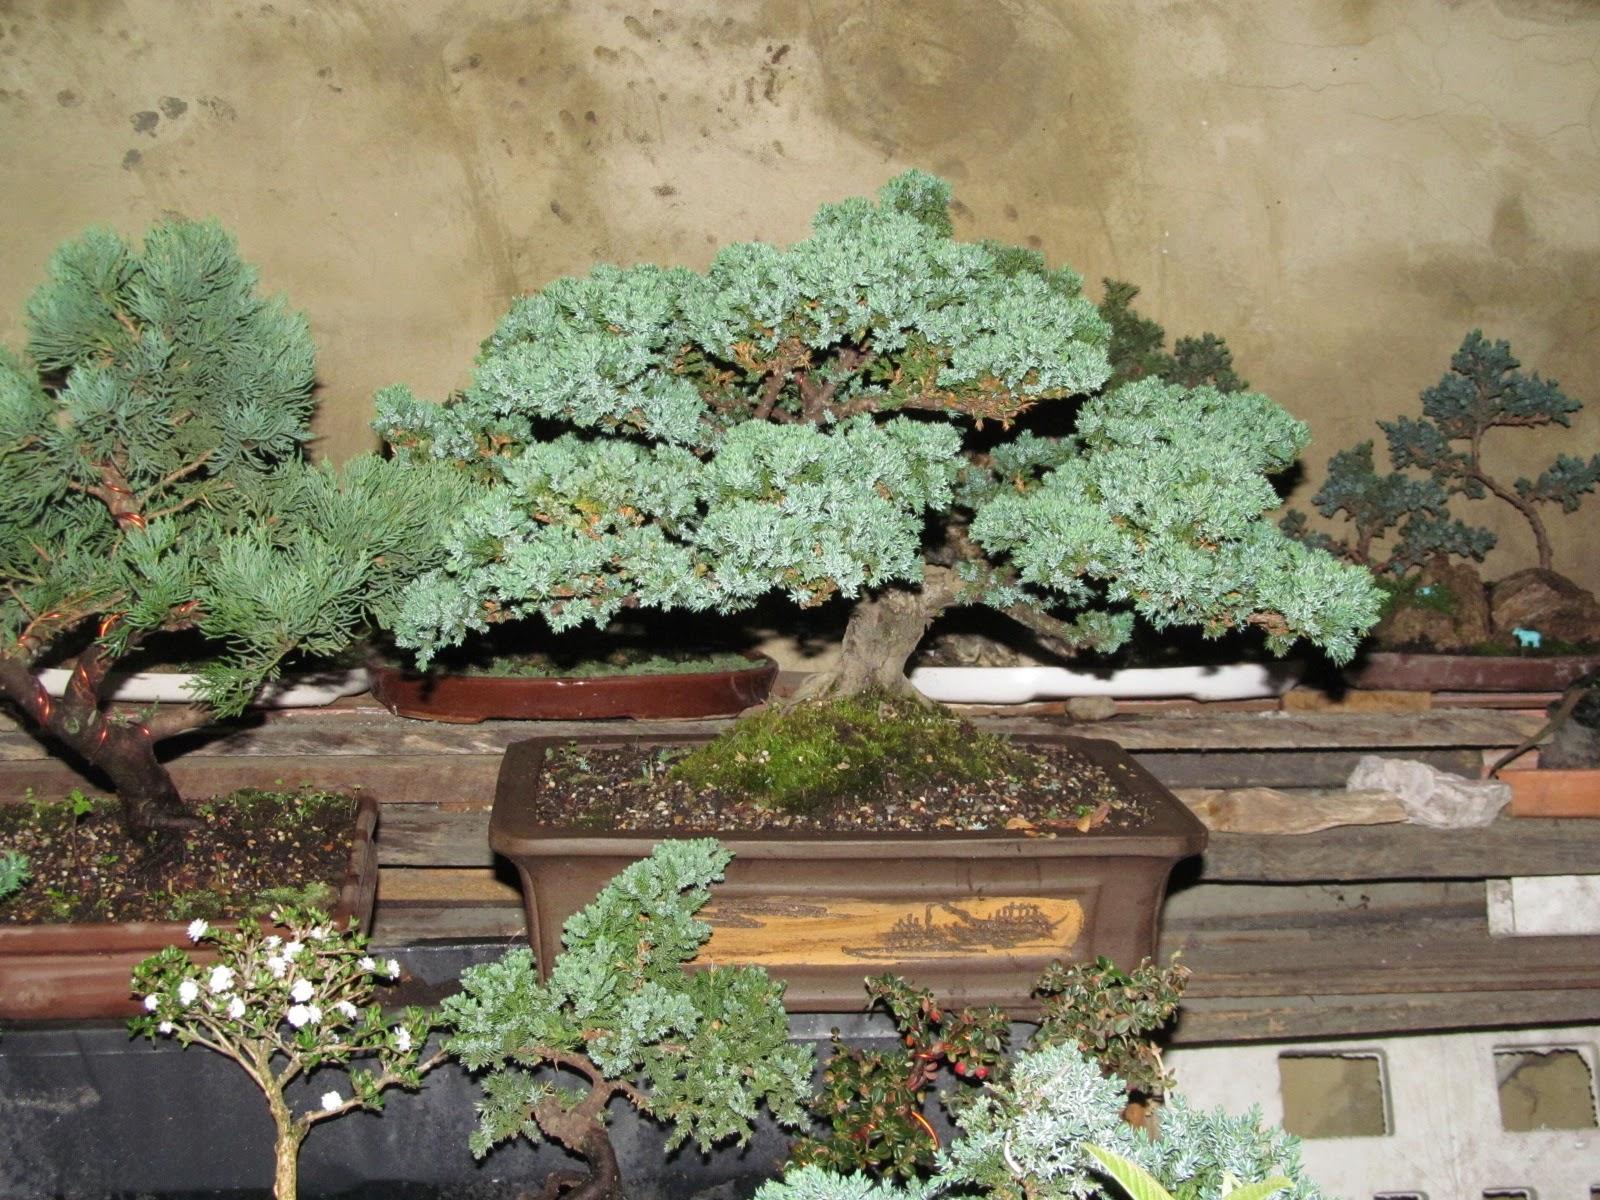 La belleza del arte bonsái en Bogotá